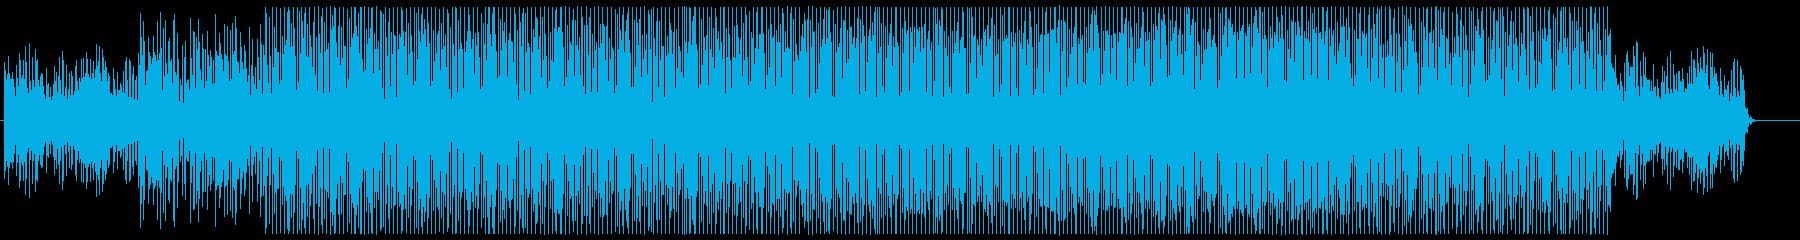 少し柔らかめのハウス、テクノの再生済みの波形